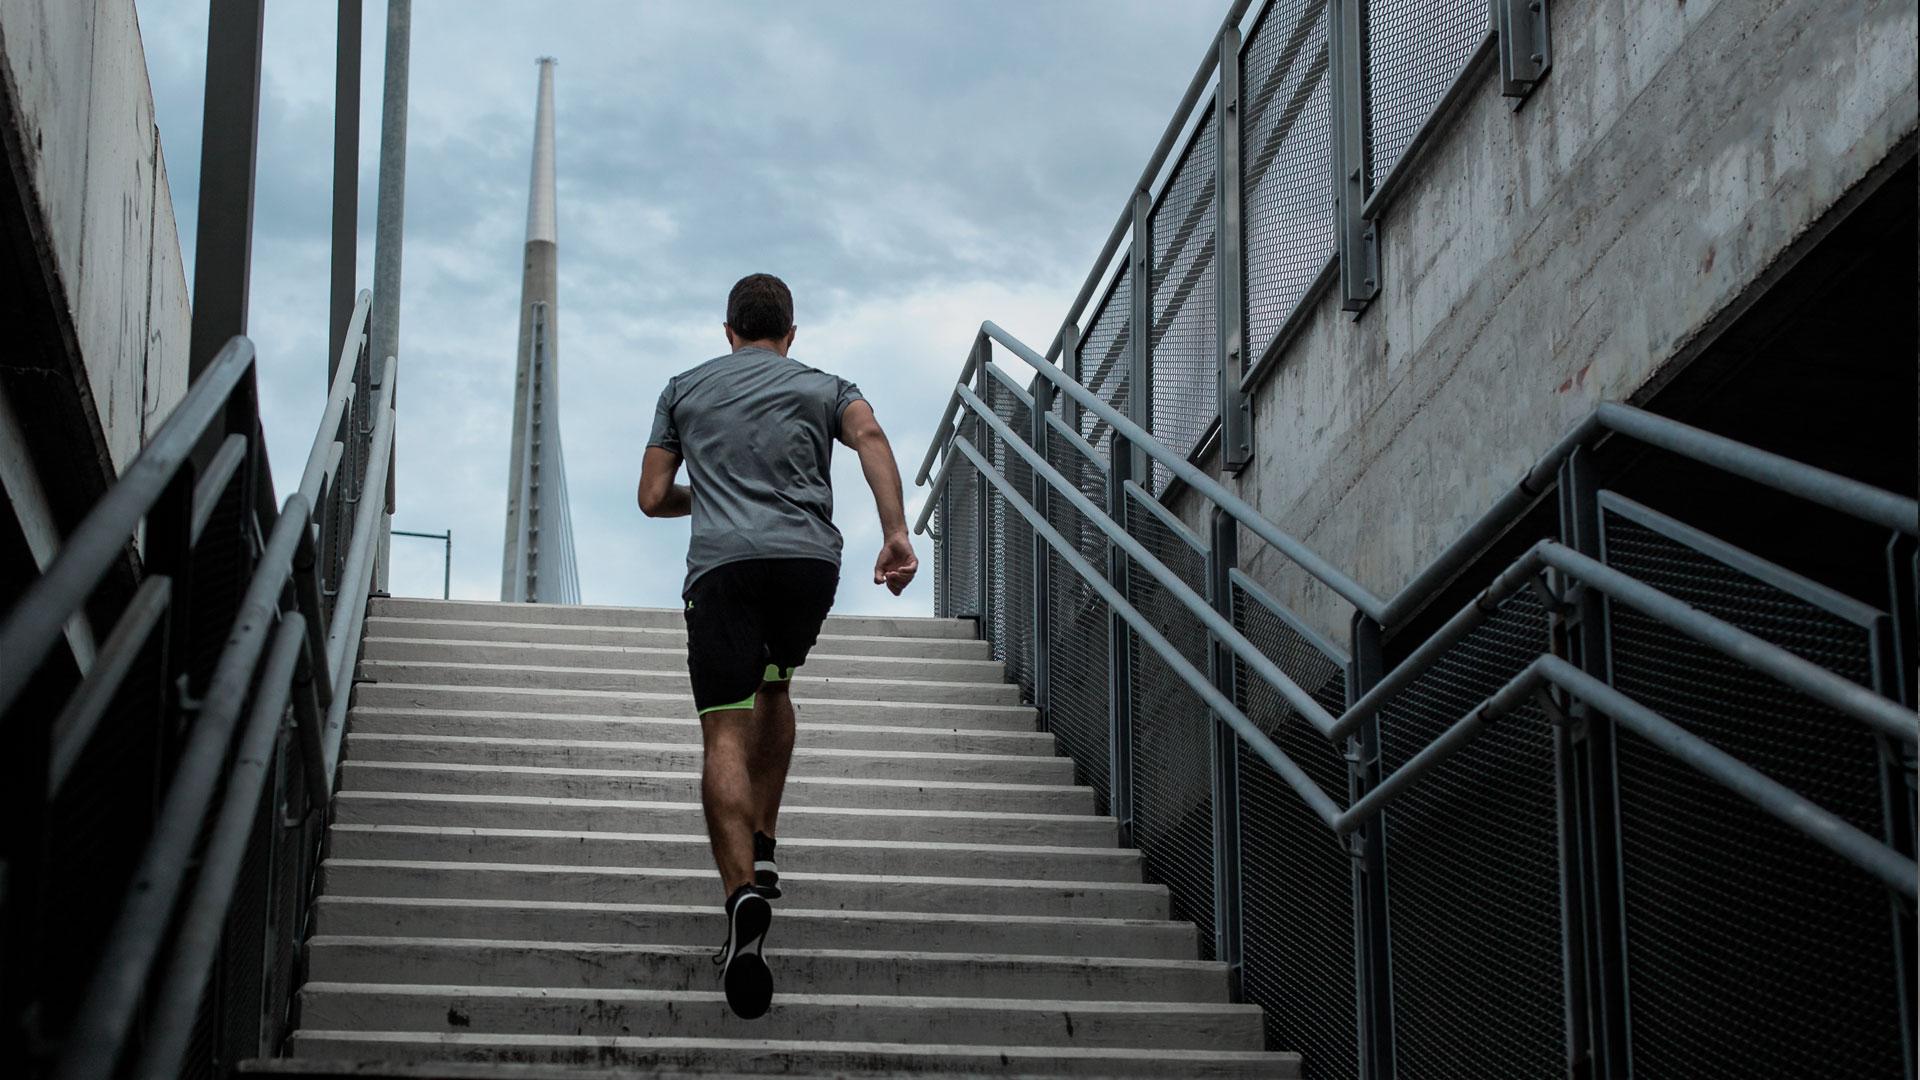 imatge de noi pujant unes escales